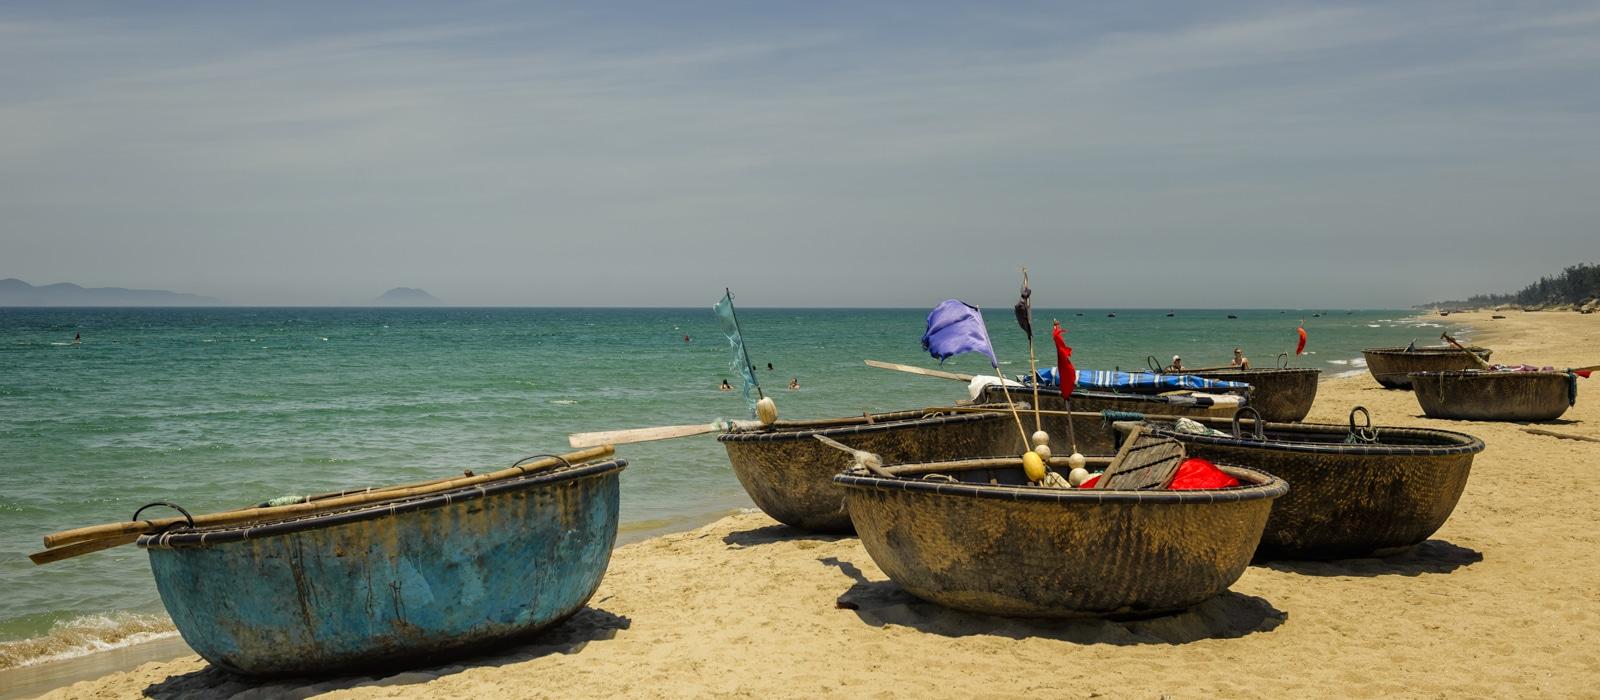 img-diapo-entete - Vietnam-1600x700-9.jpg